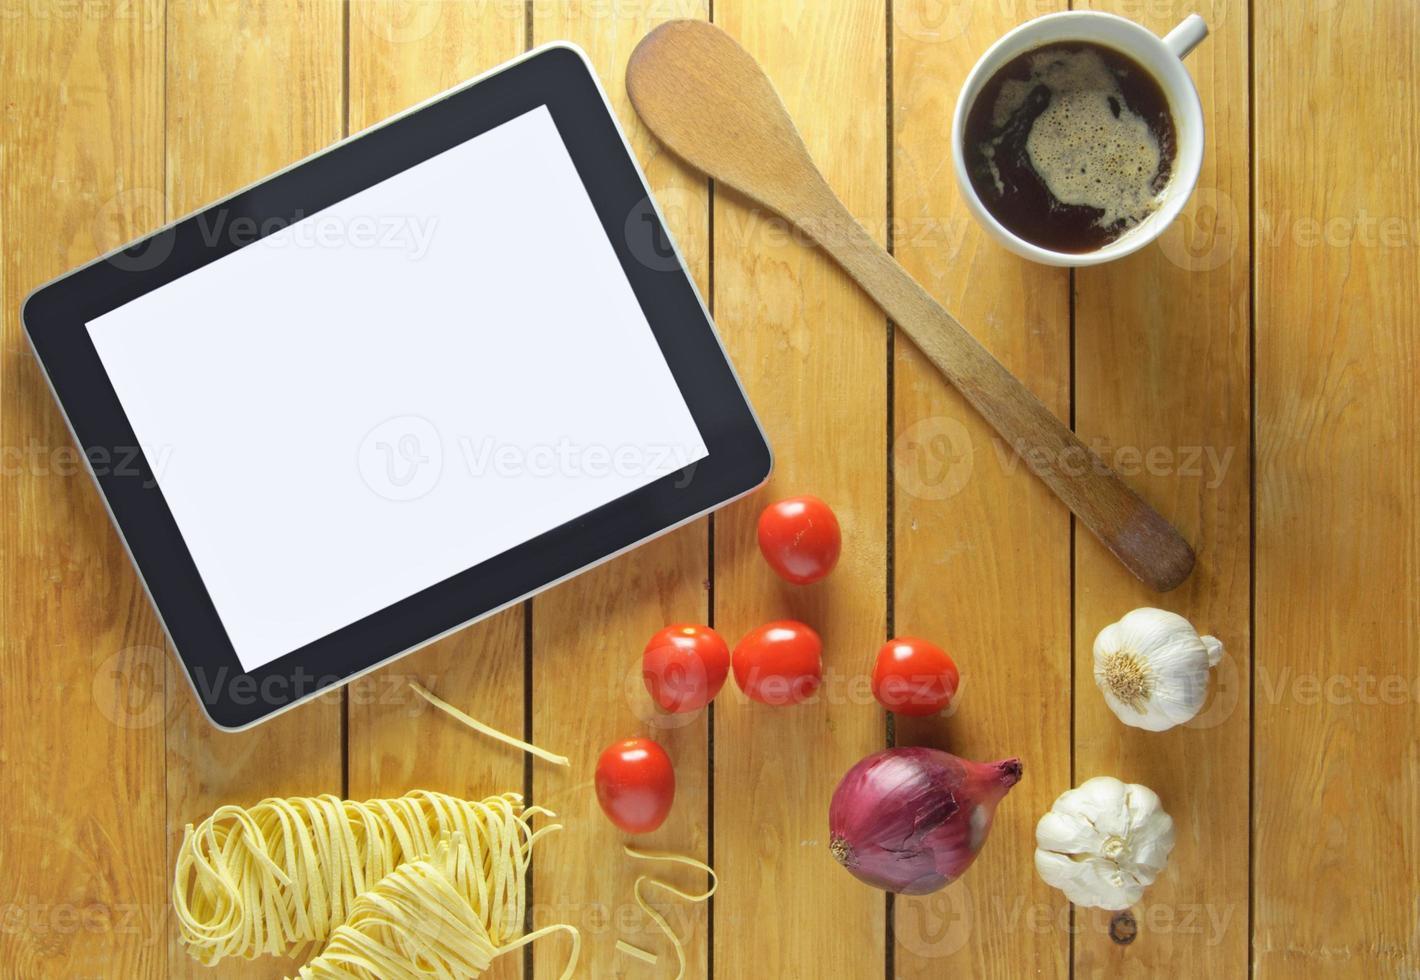 preparación de recetas de alimentos en tableta foto